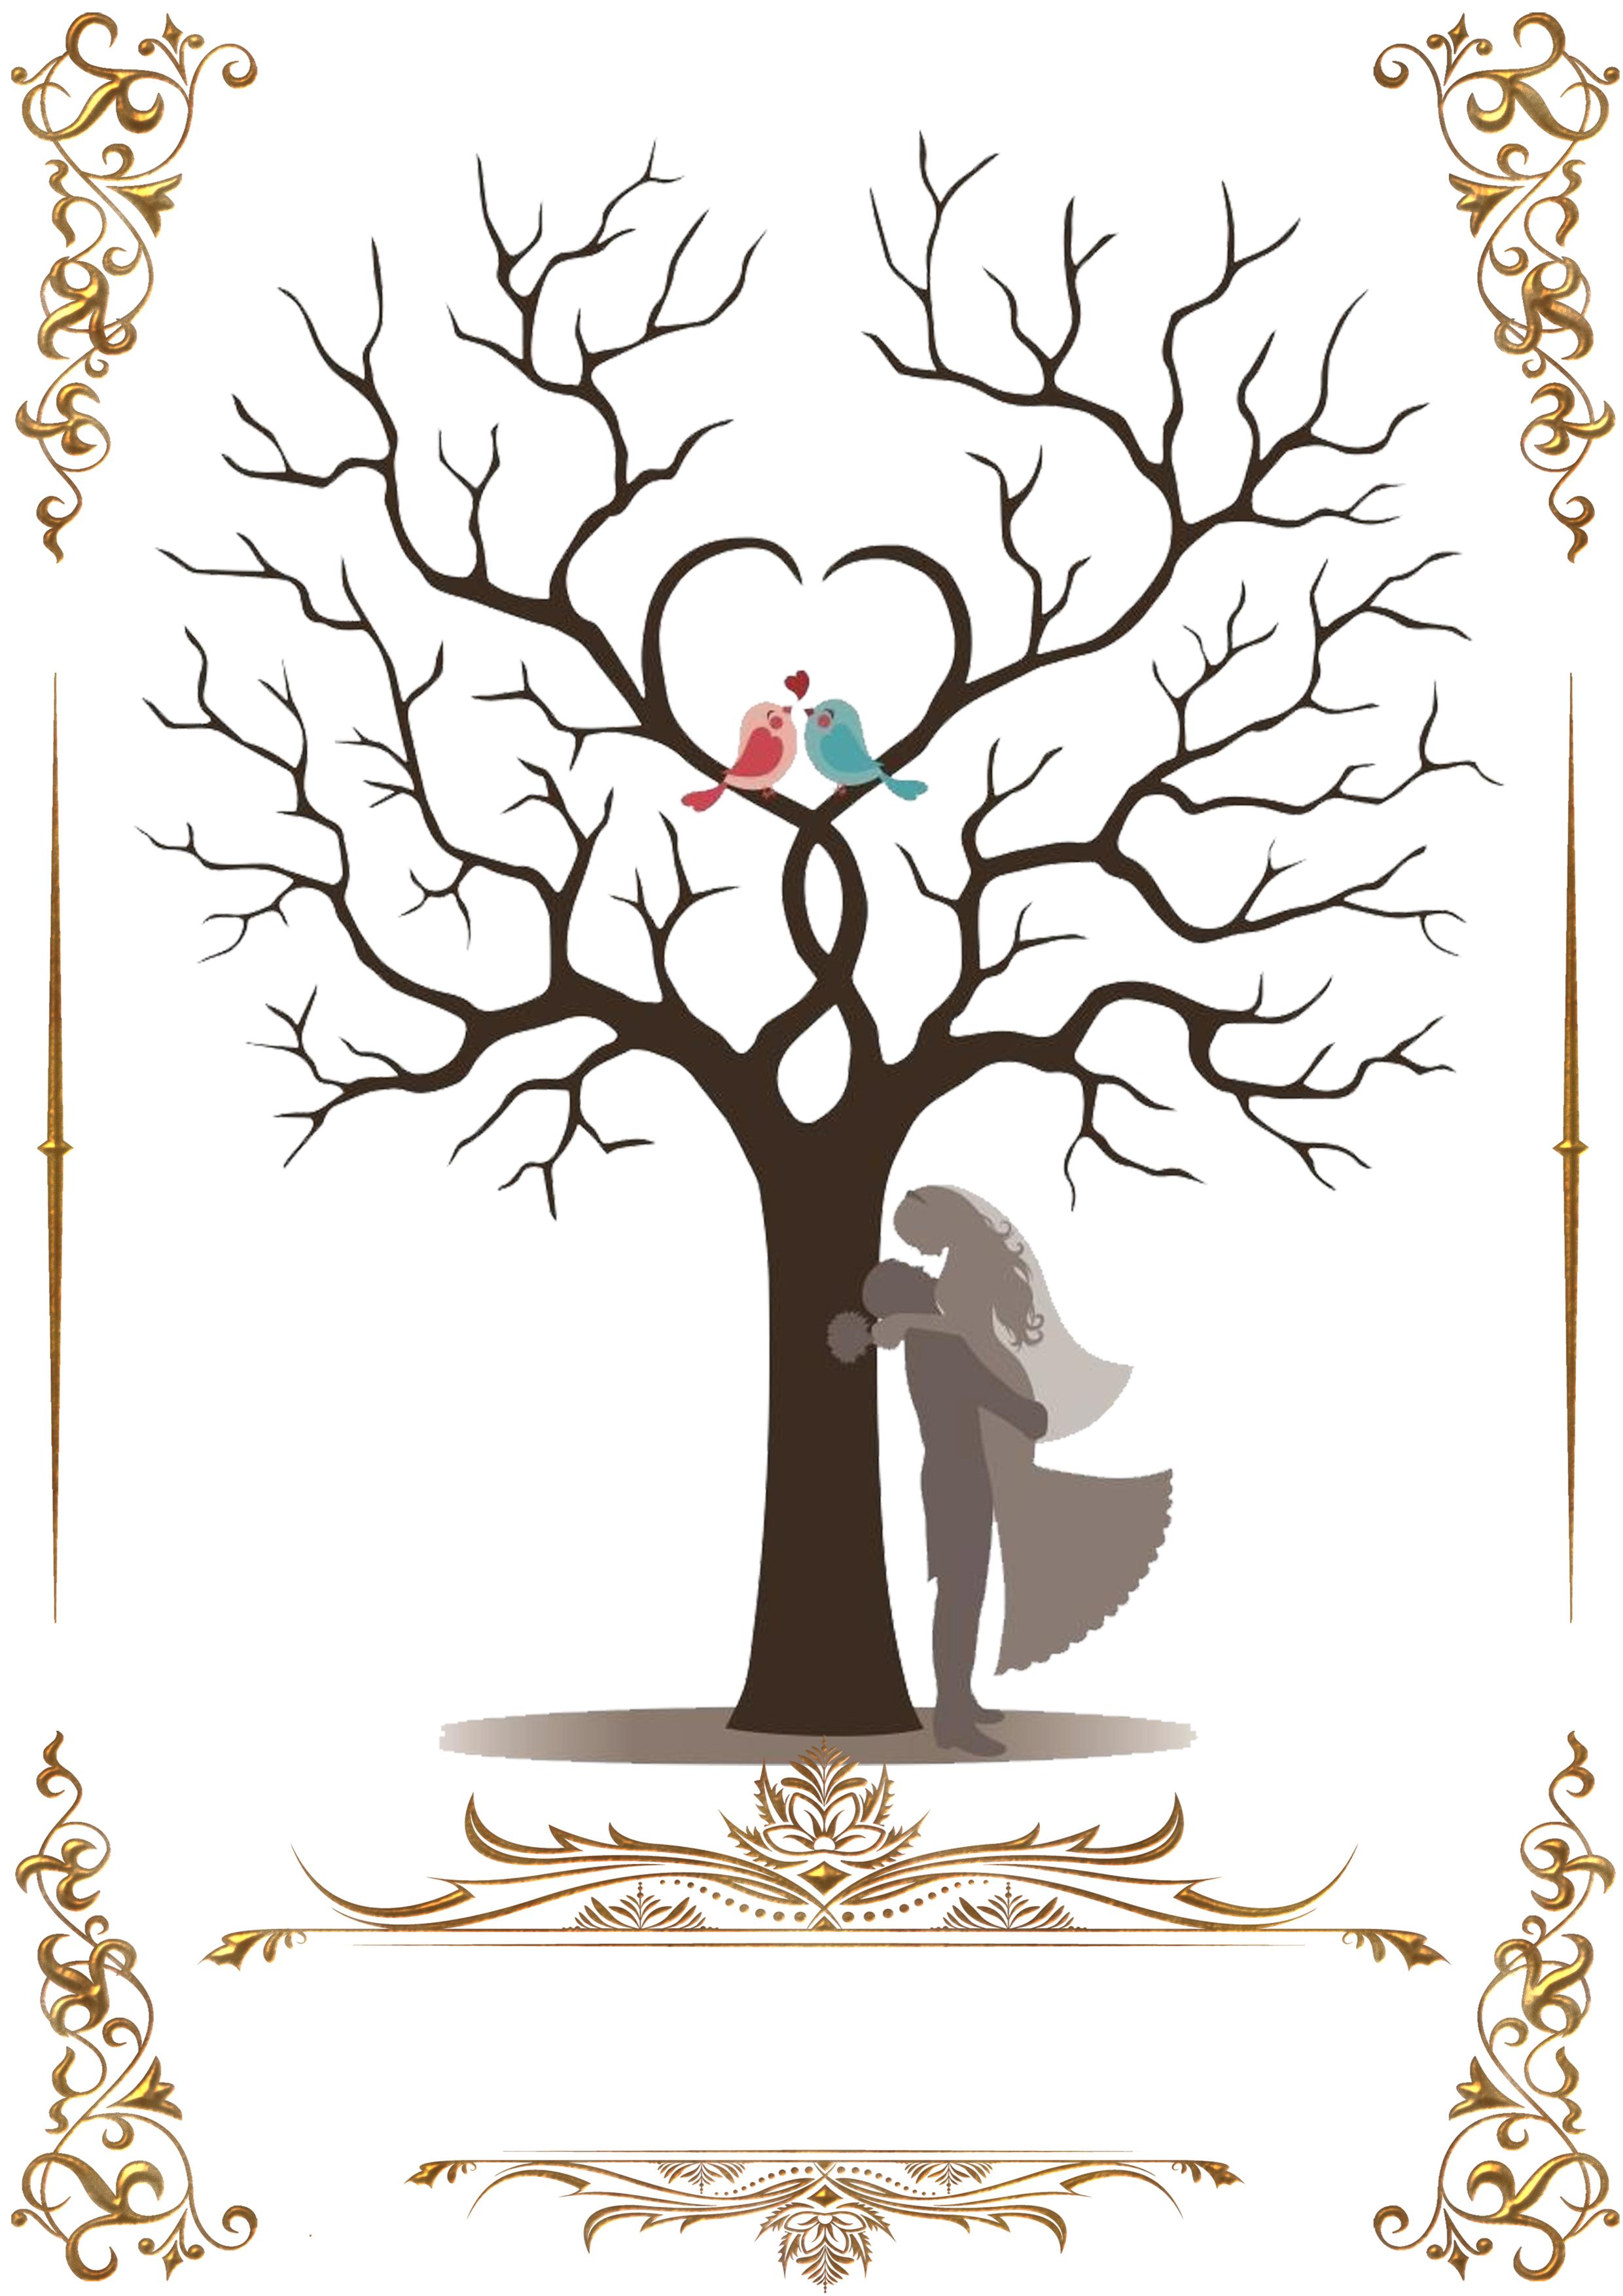 включает слои, шаблон дерева пожеланий своими руками употребляют параллельно другими